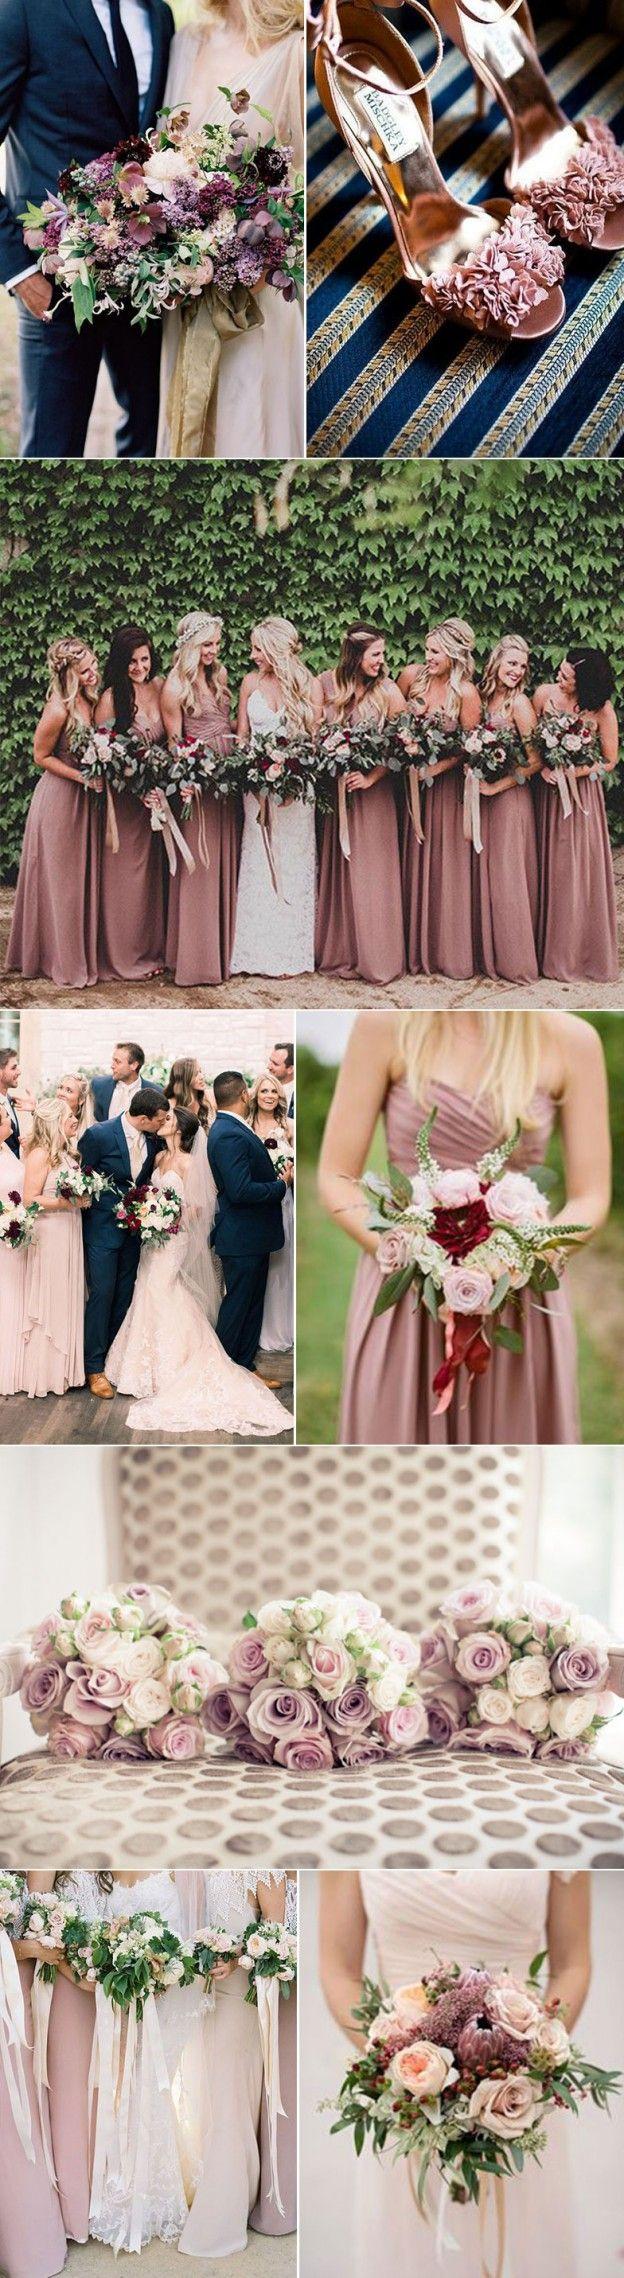 Mauve Wedding Ideas  Wedding Ideas  Pinterest  Mauve Weddings